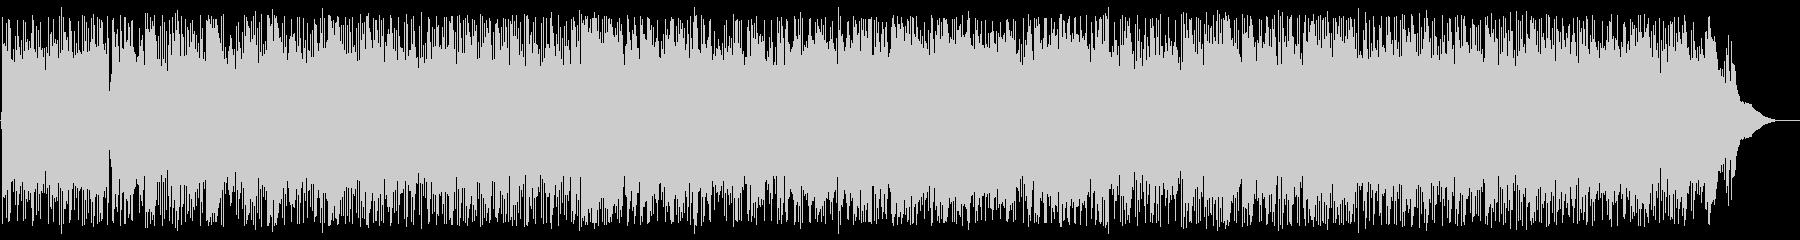 もみの木(acoustic)の未再生の波形